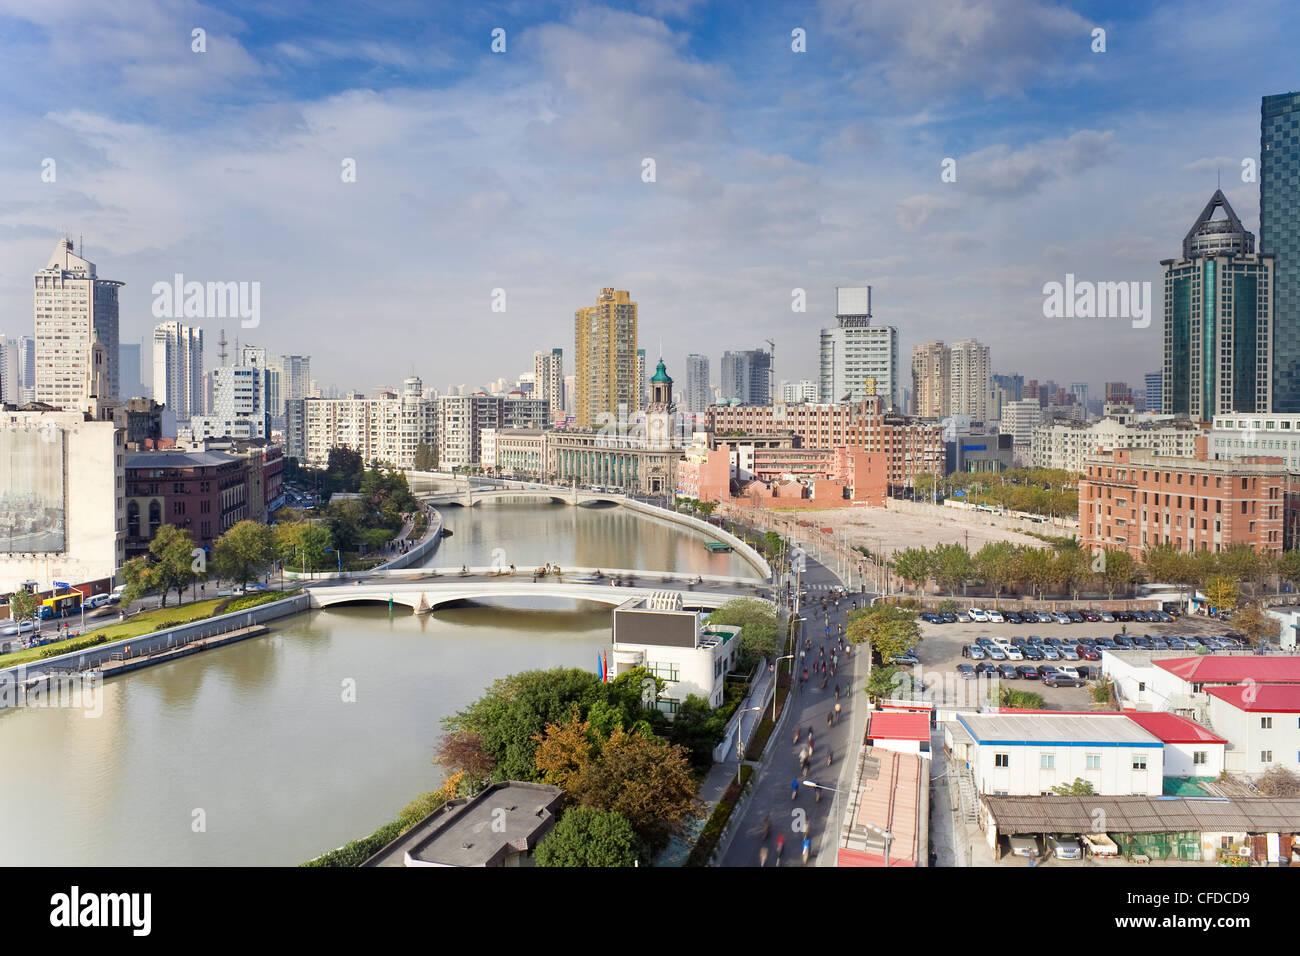 Ver elevados a lo largo de Suzhou Creek, nuevos puentes y del horizonte de la ciudad de Shanghai, China, Asia Imagen De Stock